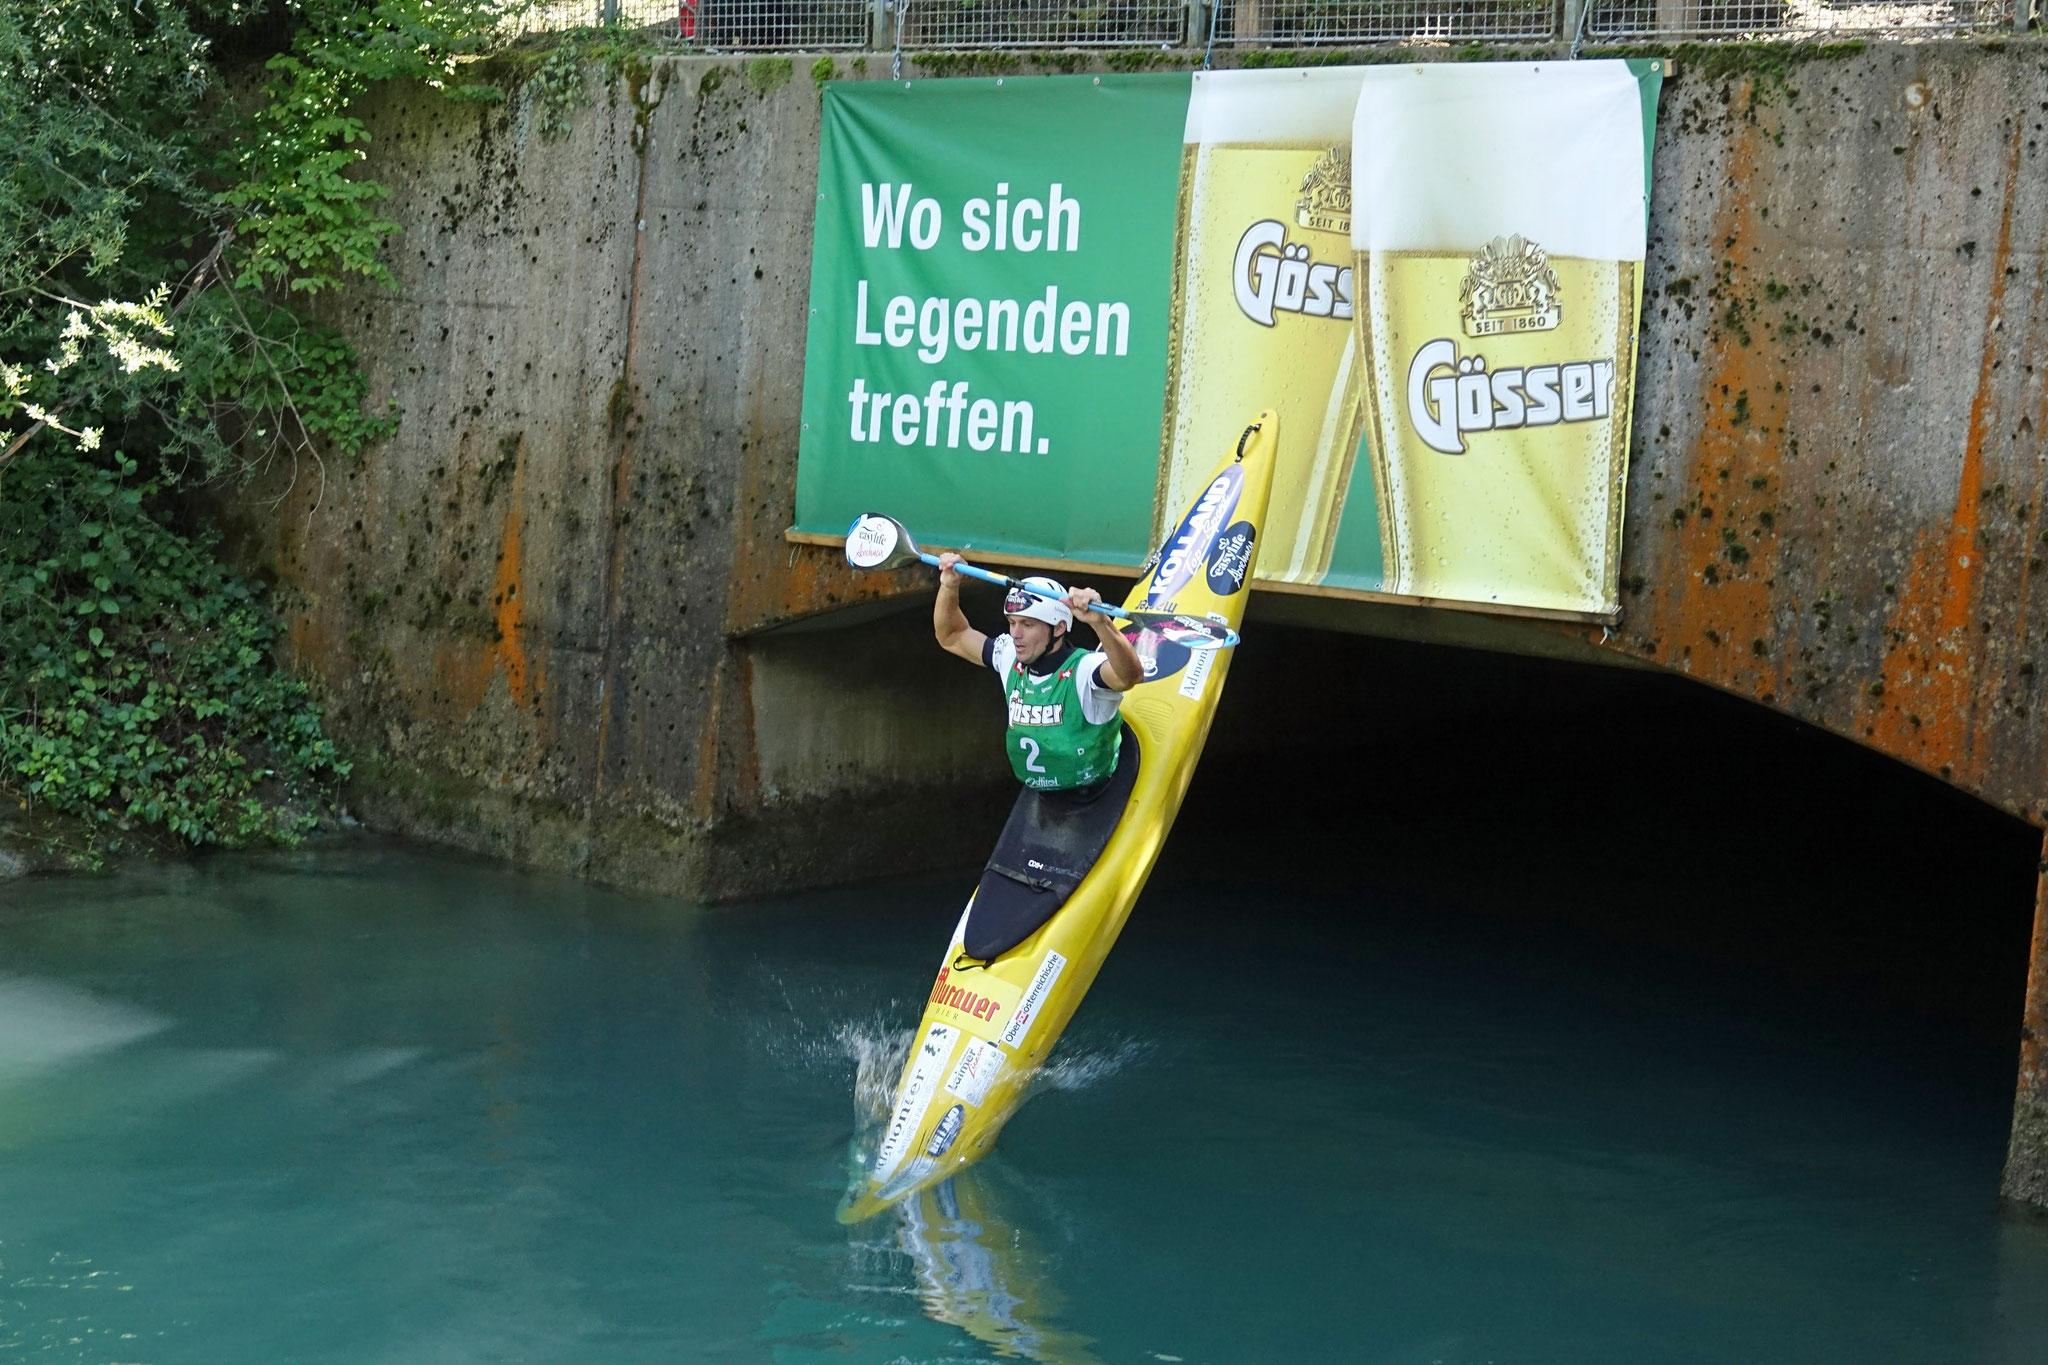 Lucas Kubrican stürzt sich in die Fluten